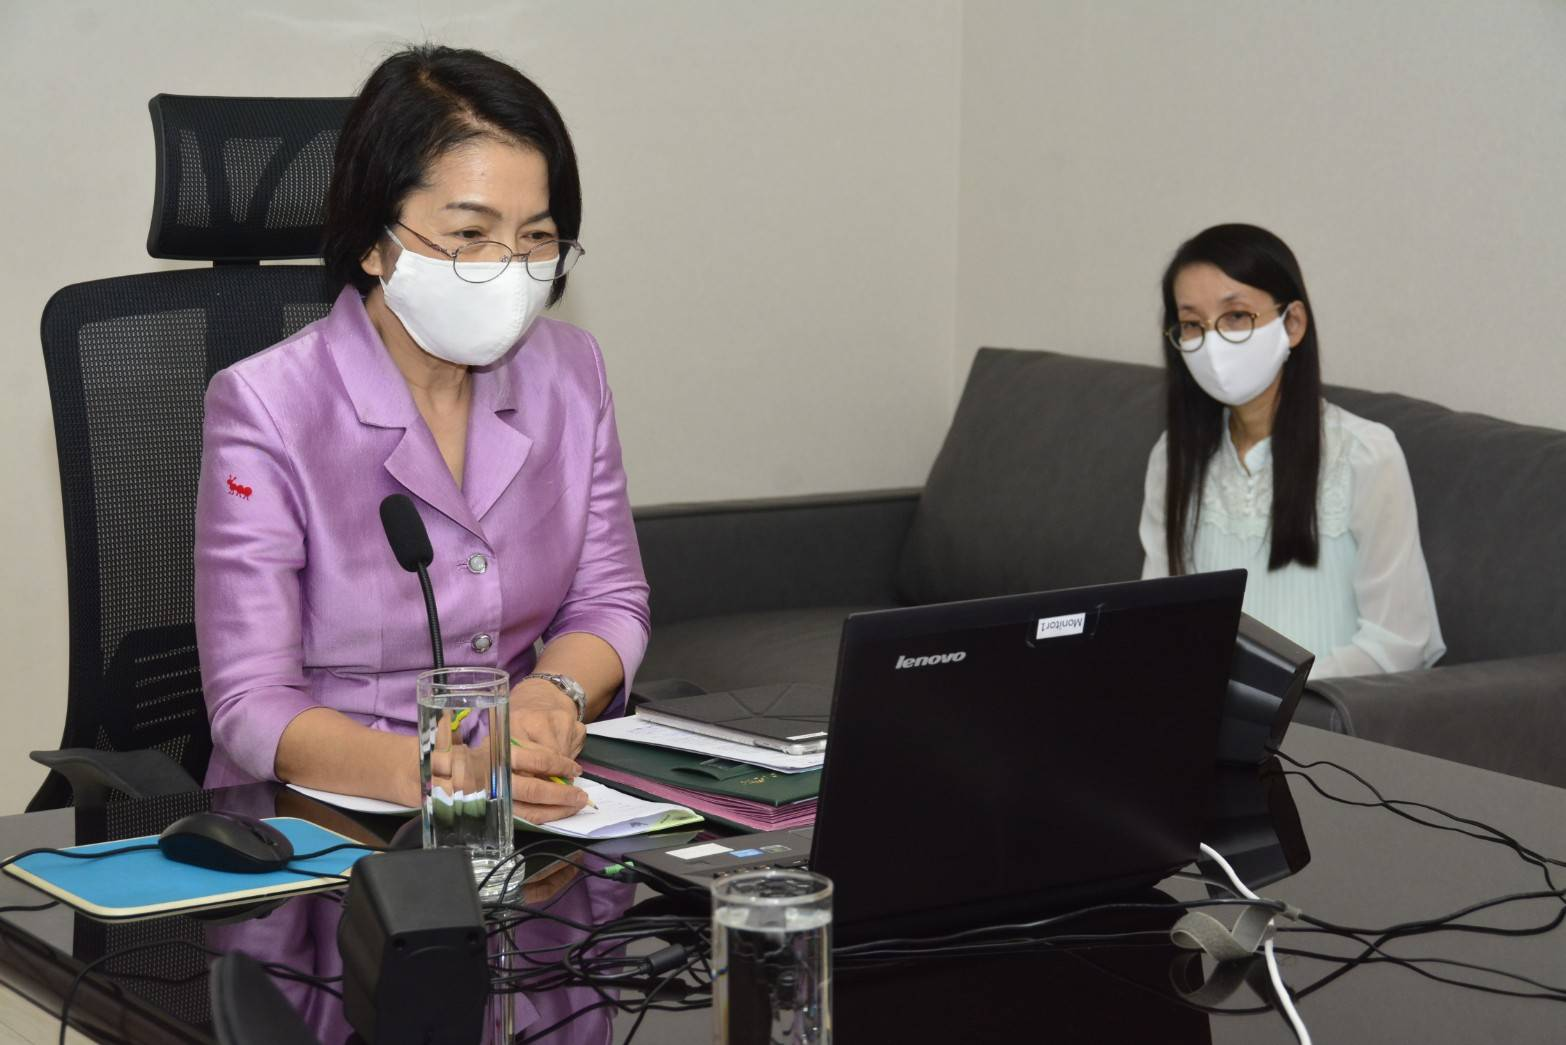 การประชุมร่วมกับเจ้าหน้าที่สังกัดศูนย์บริหารข้อมูลตลาดแรงงานภาคใต้